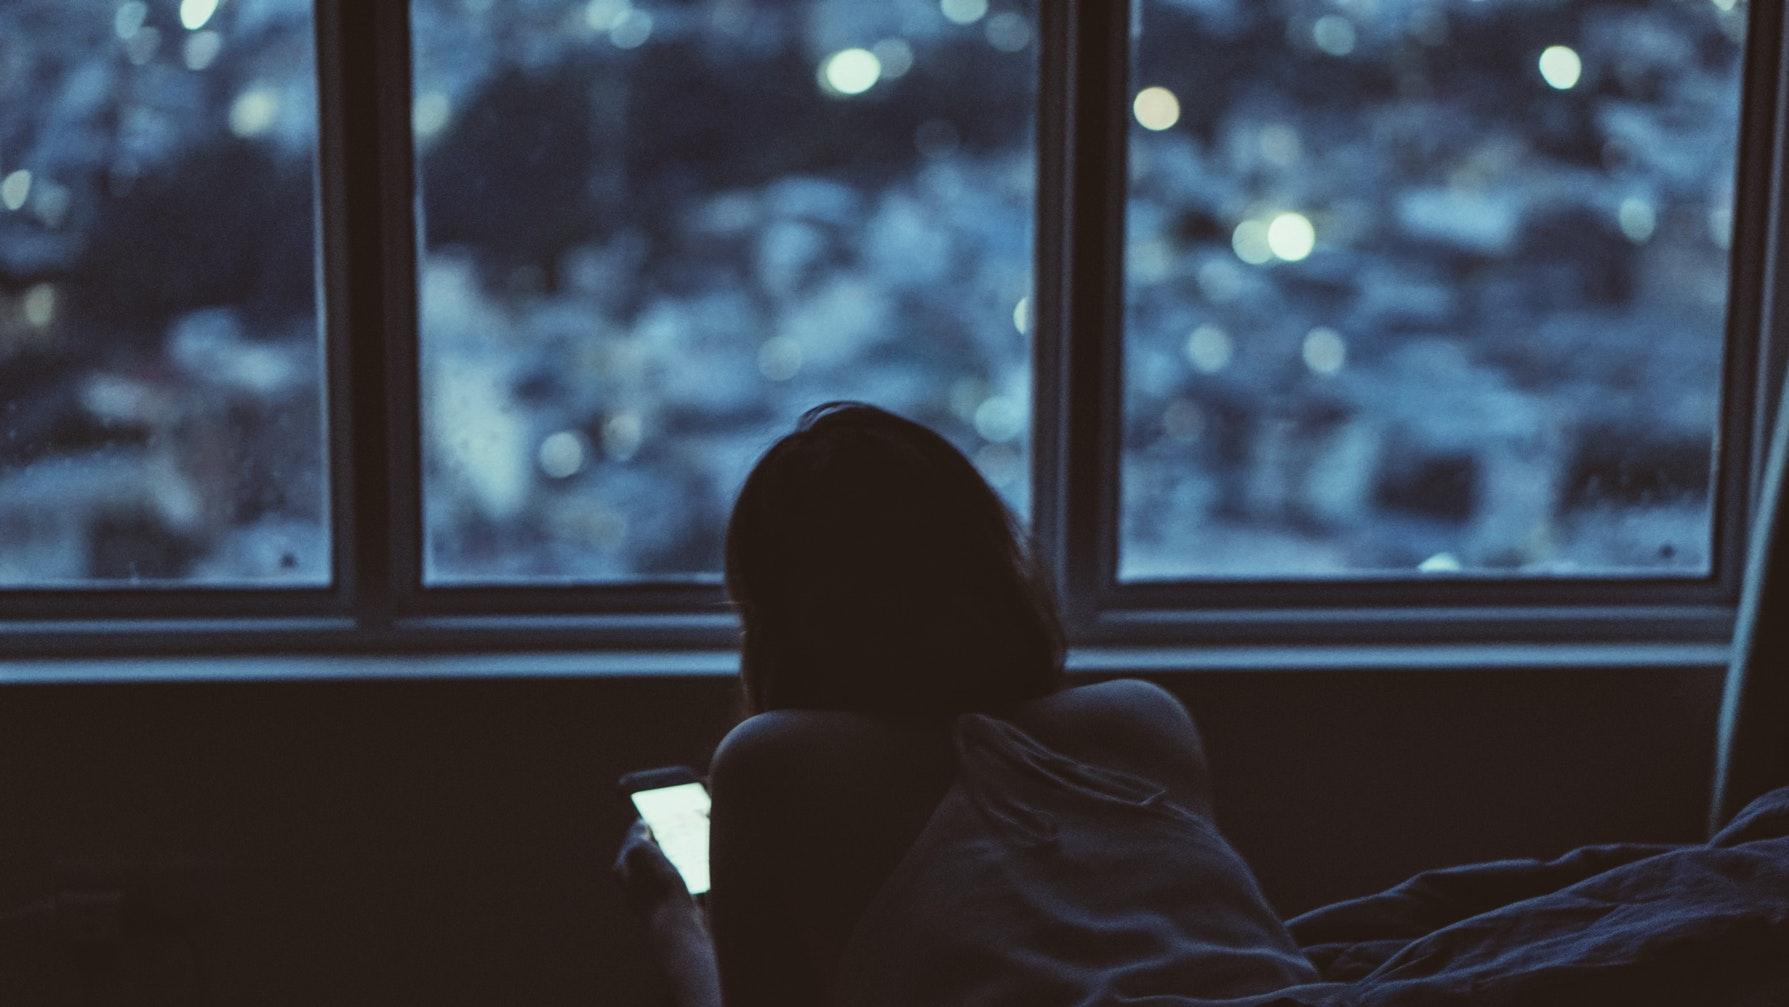 100 SMS d'amour pour lui dire qu'il ou elle vous manque